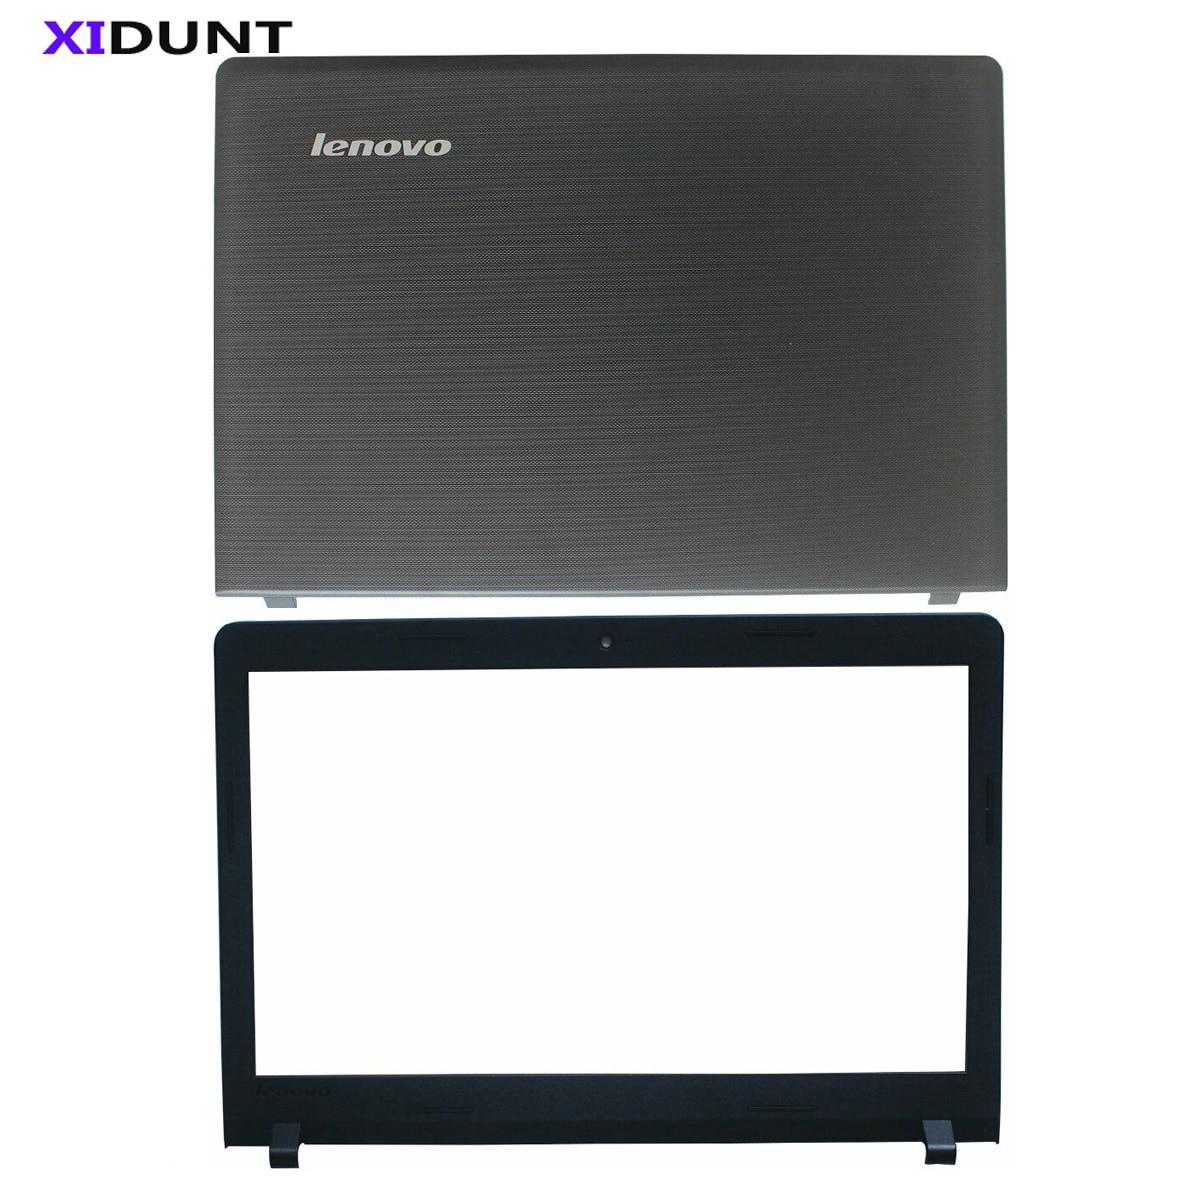 غطاء خلفي LCD لجهاز Lenovo ideapad 100-14 ، 100-14IBY ، جديد